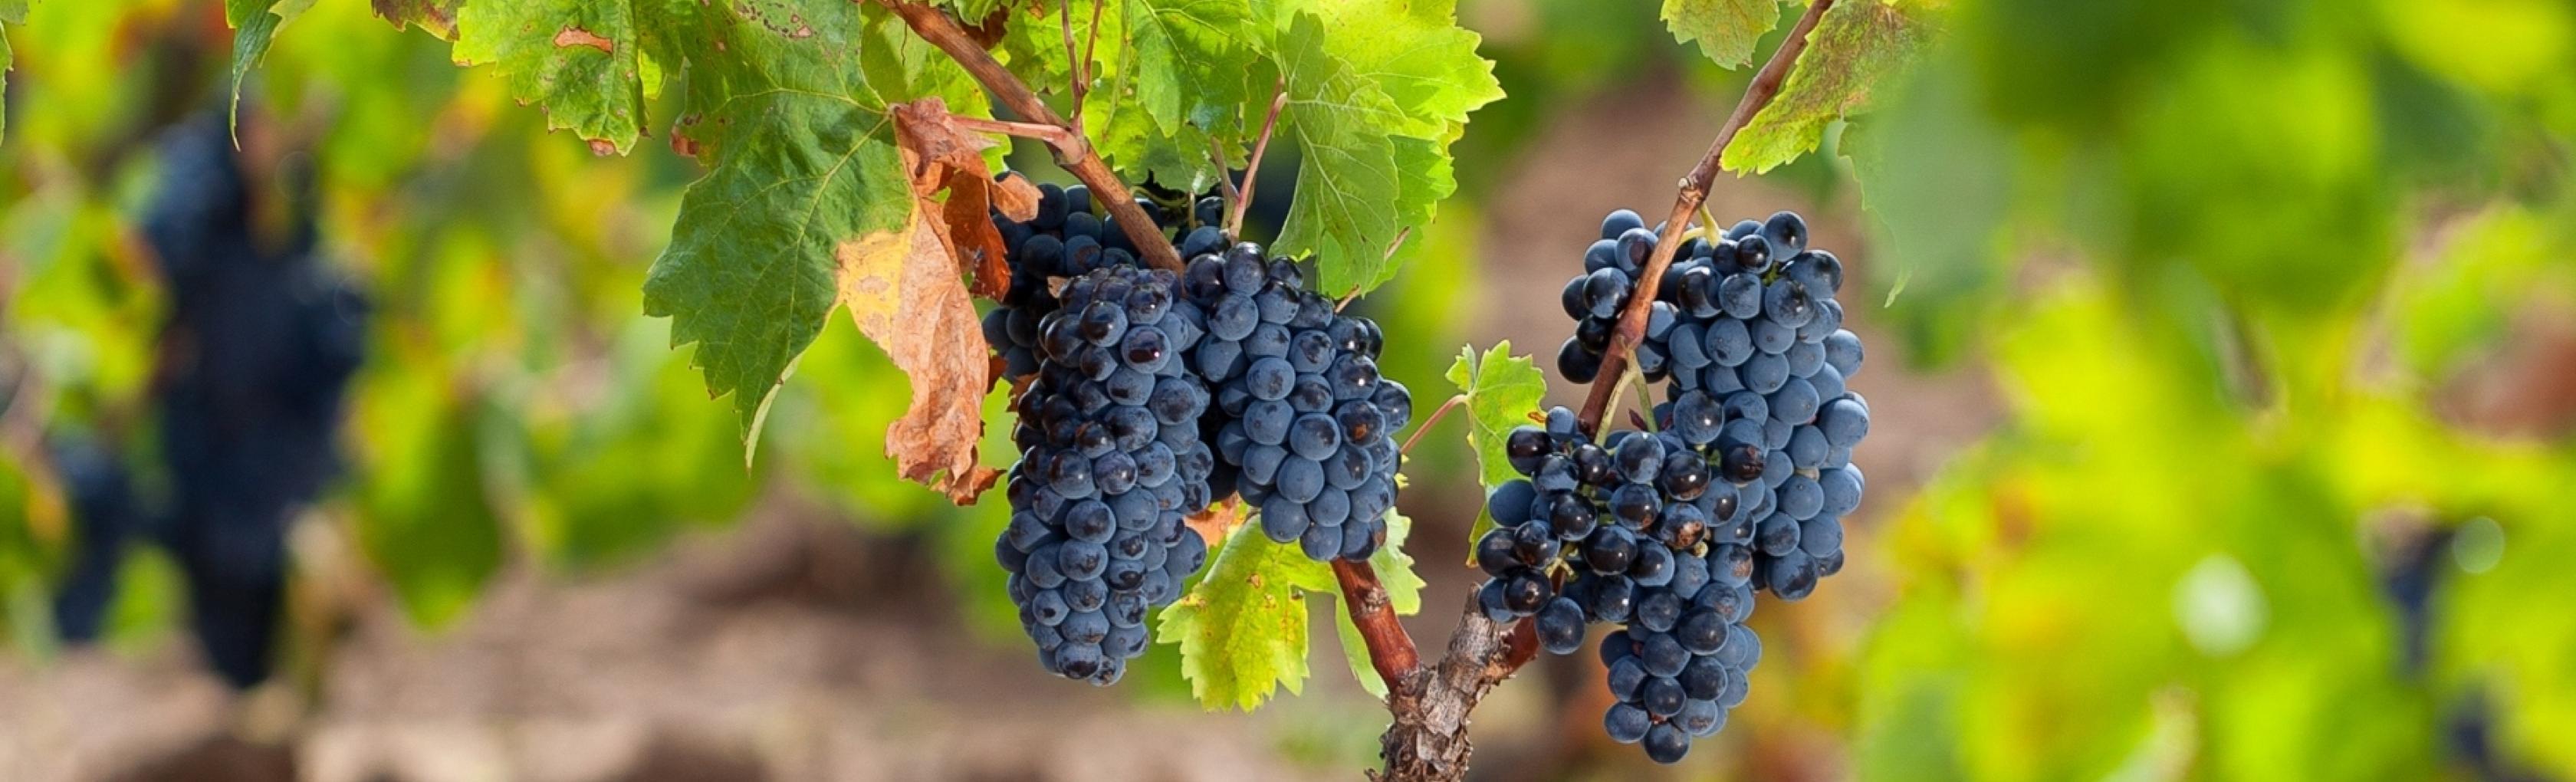 Grappoli di uva cannonau